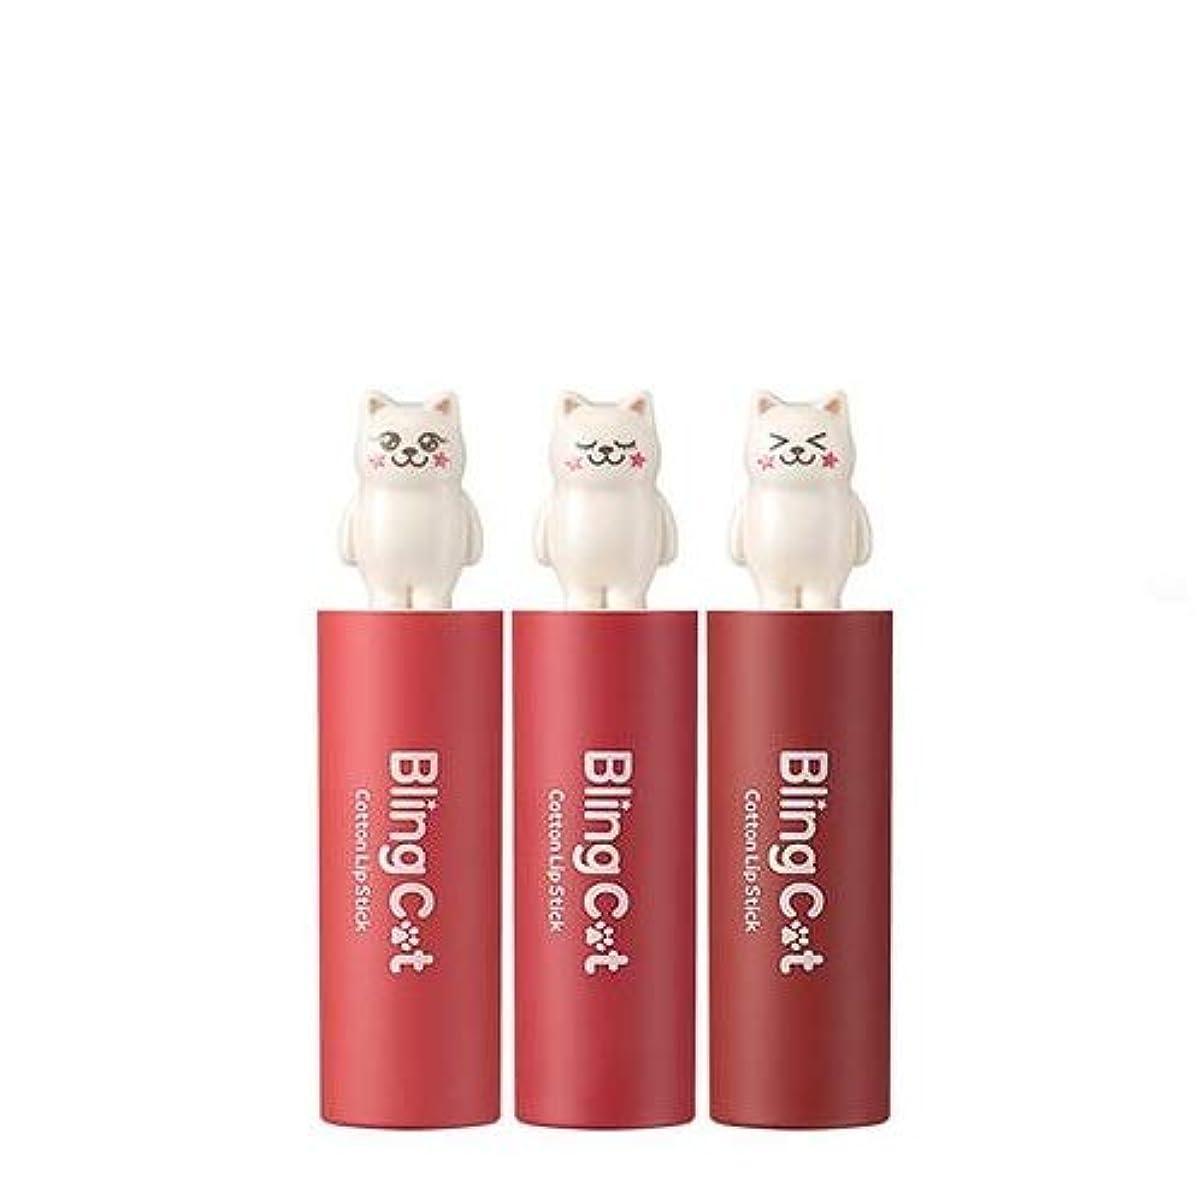 電極発送退却トニーモリー ブリングキャット コットン リップスティック 3.4g / TONYMOLY Bling Cat Cotton Lipstick # 09. Maroon Mode [並行輸入品]